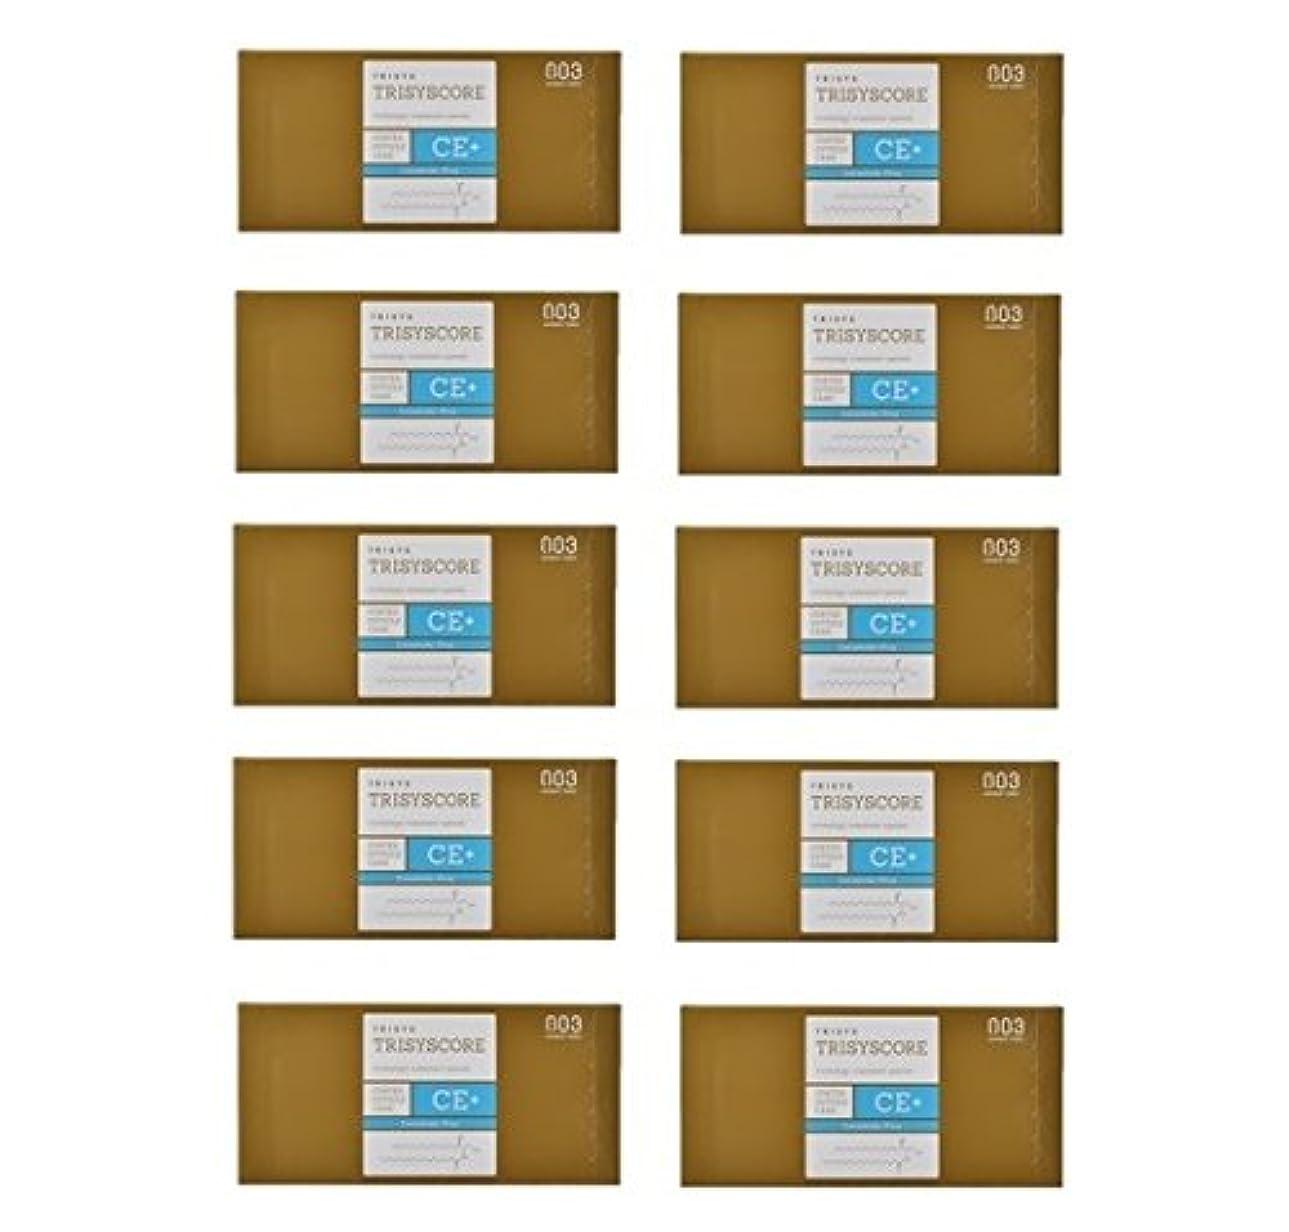 政権強打副【X10個セット】ナンバースリー トリシスコア CEプラス (ヘアトリートメント) 12g × 4包入り